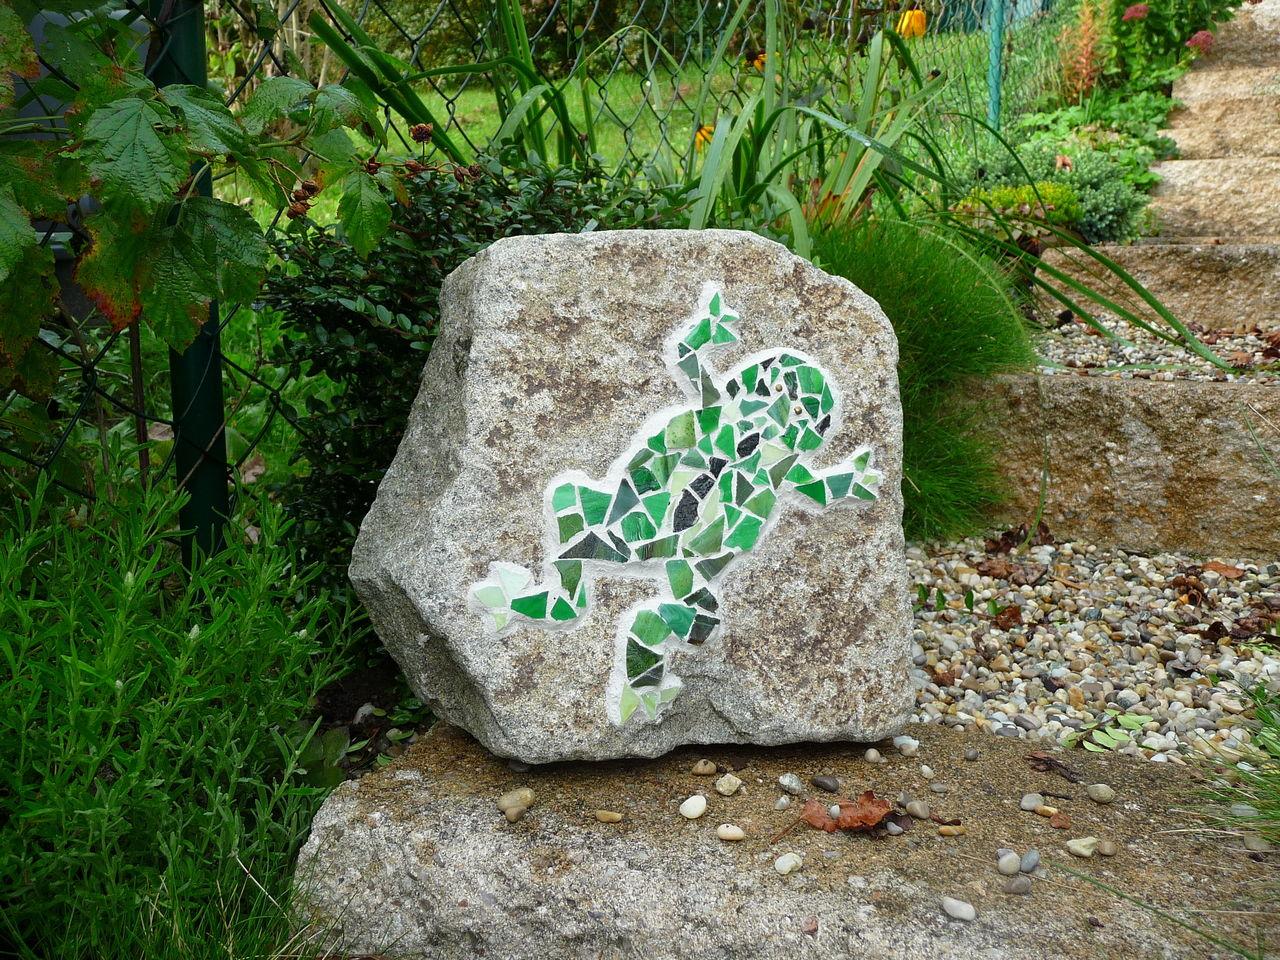 Fesselnde Mosaik Garten Referenz Von Frosch, Garten, Grün, Stein, Kunsthandwerk,